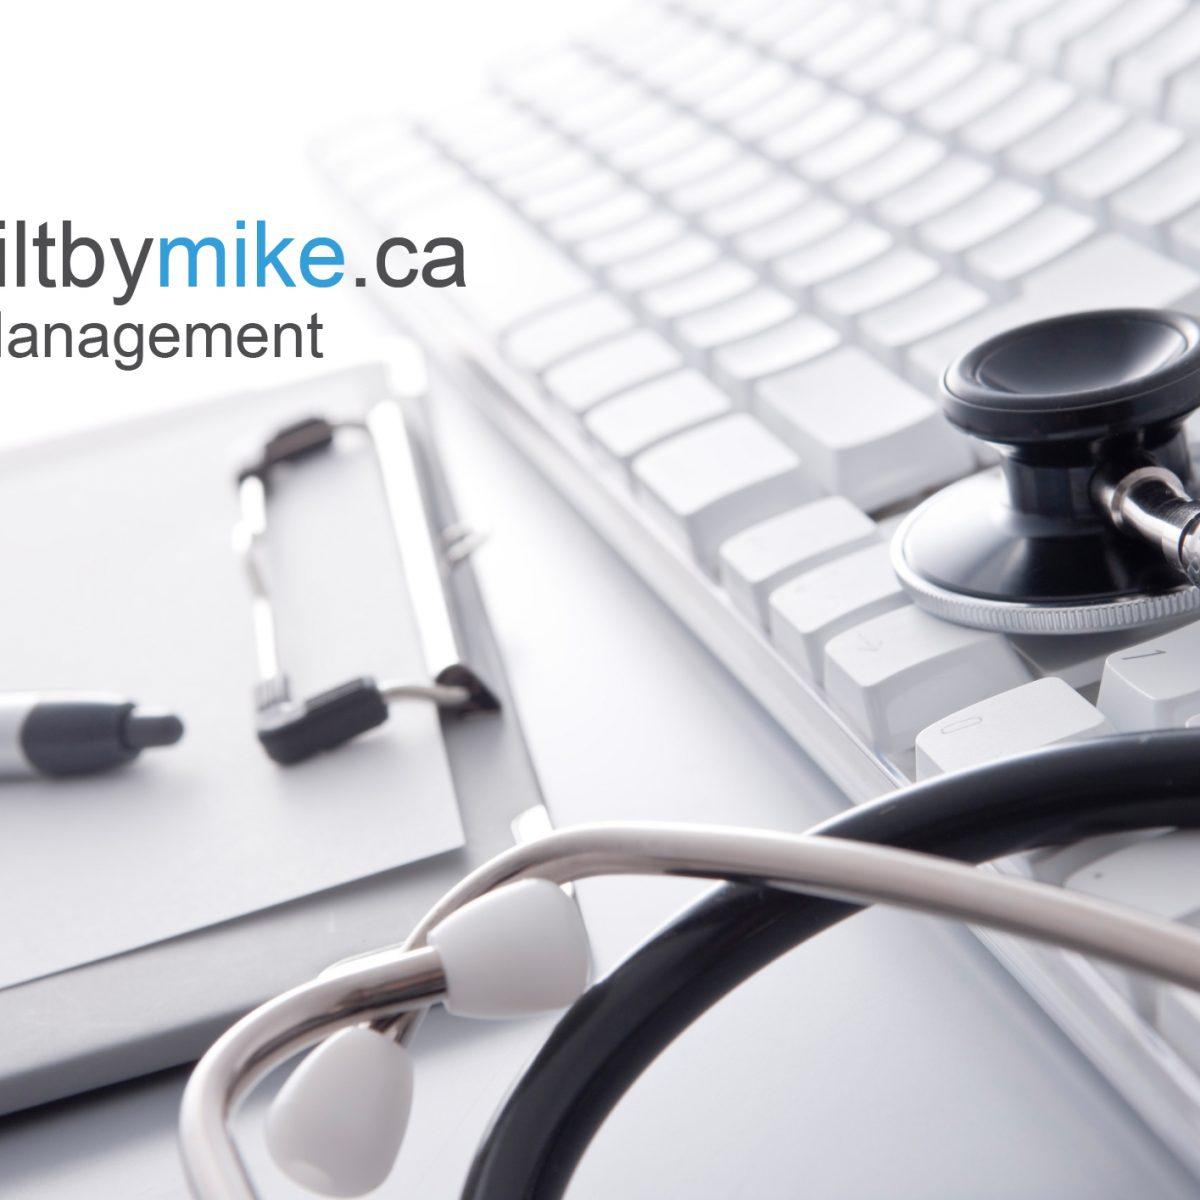 Builtbymike.ca IT Management